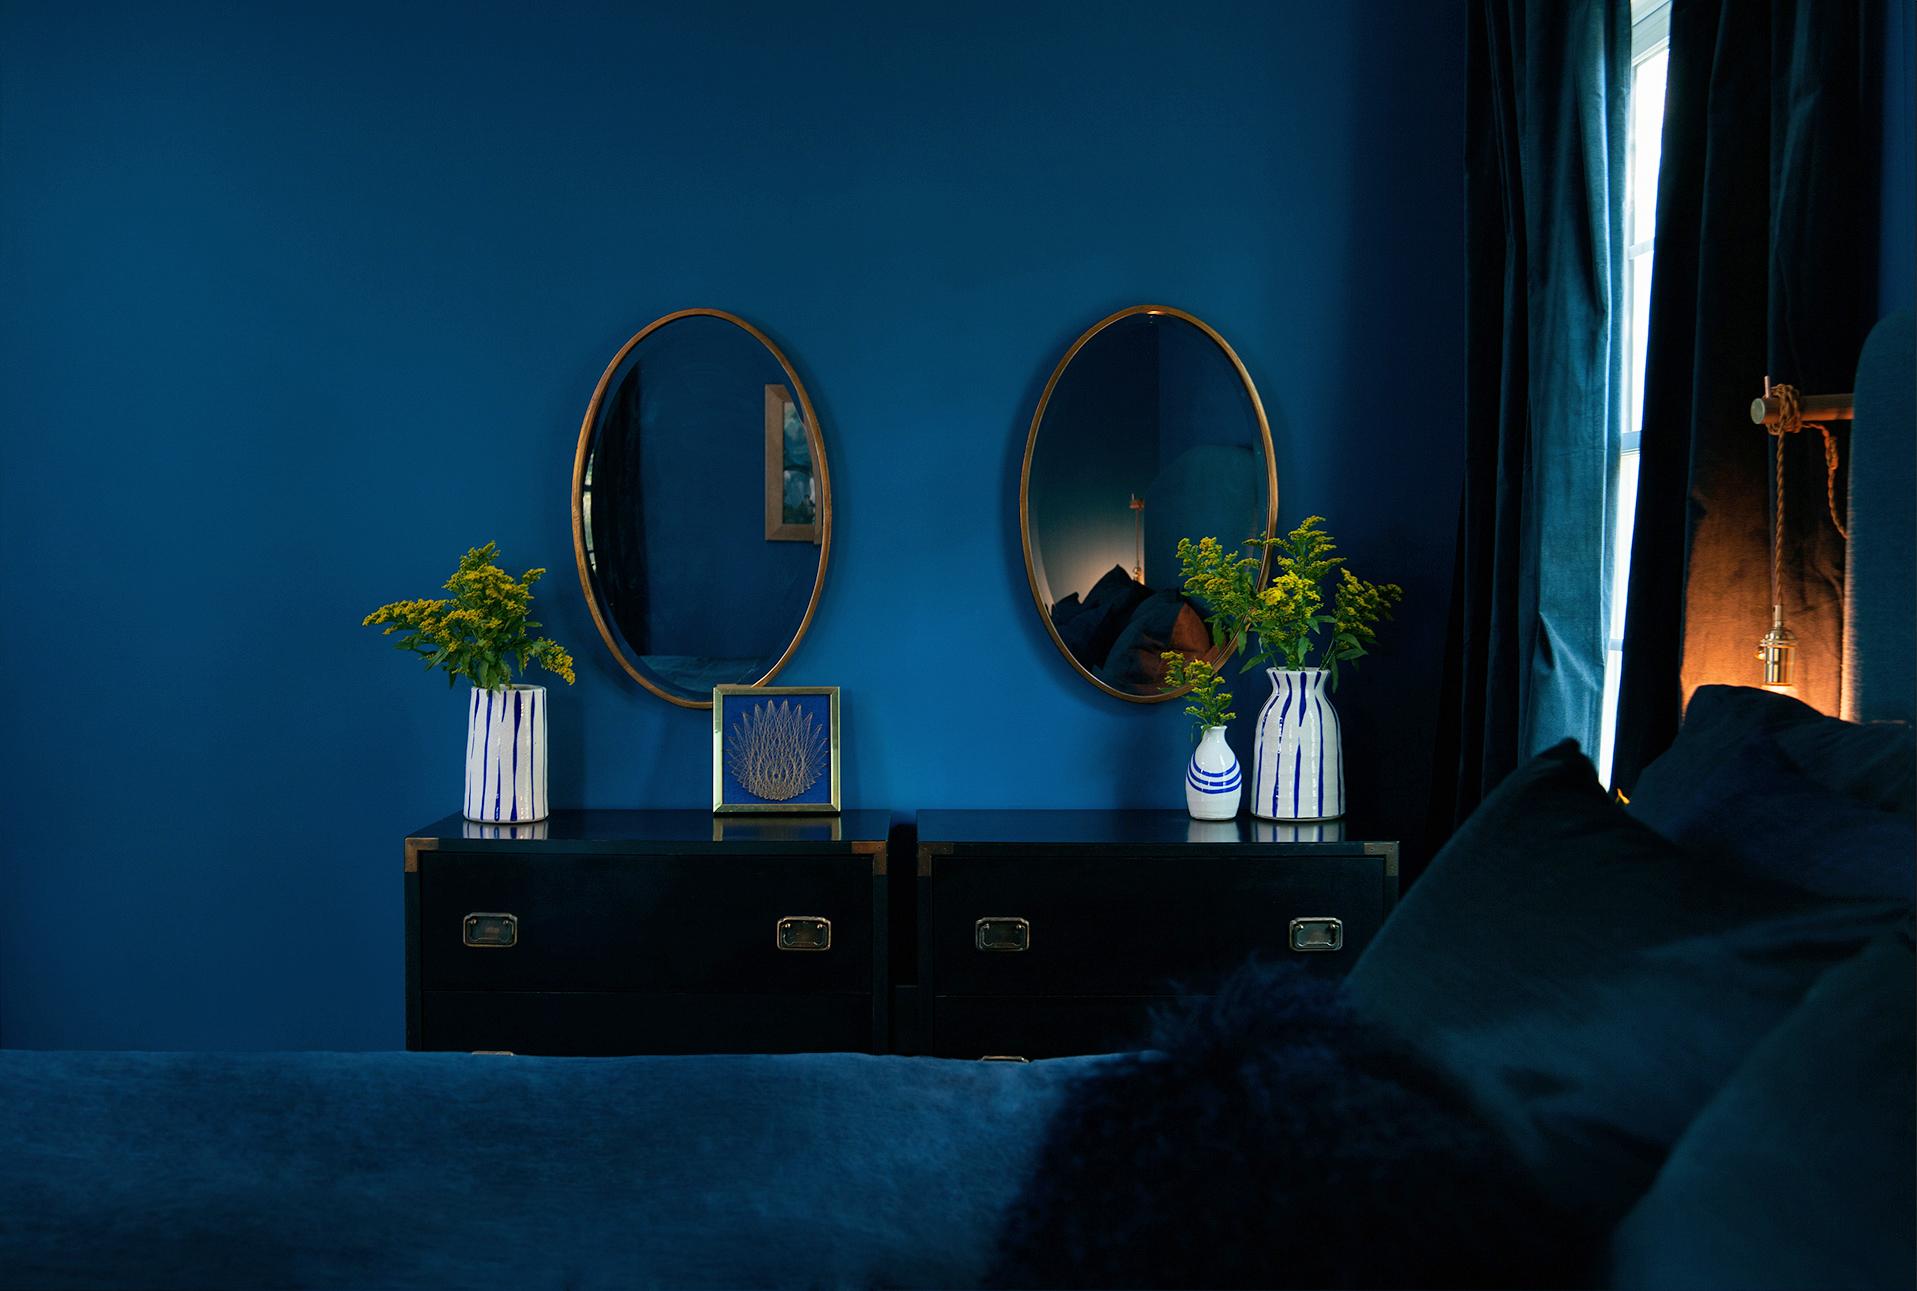 bedroom2Crx.jpg